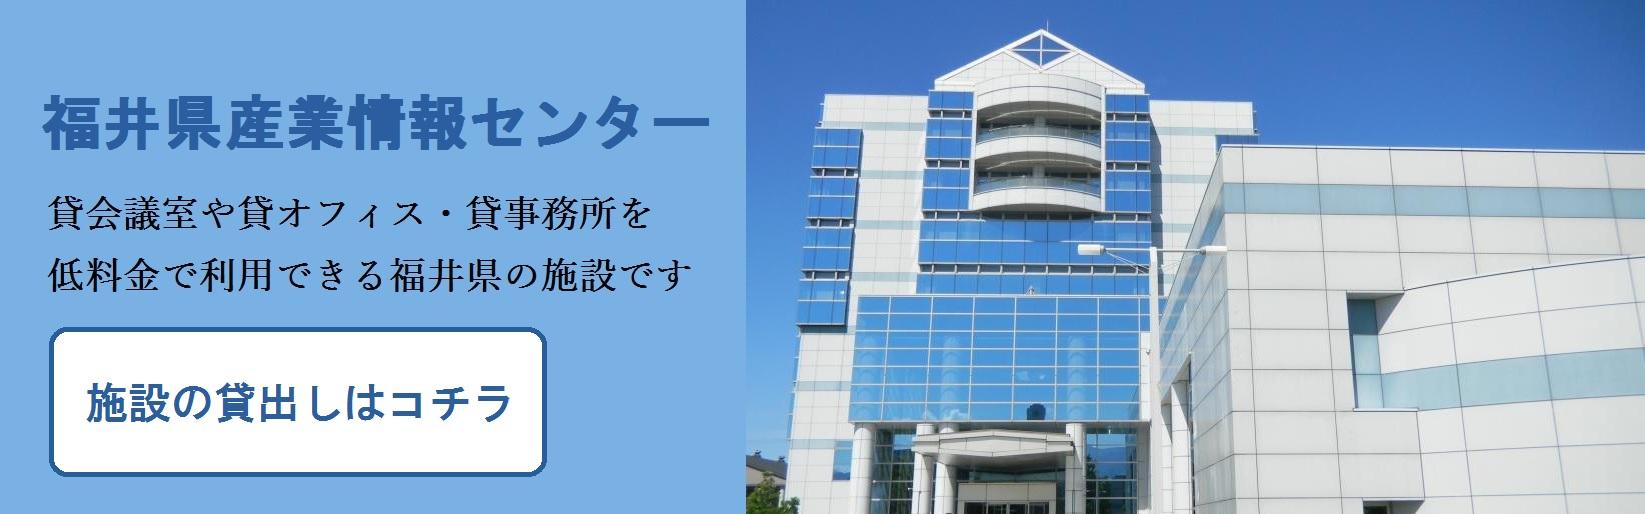 産業情報センター